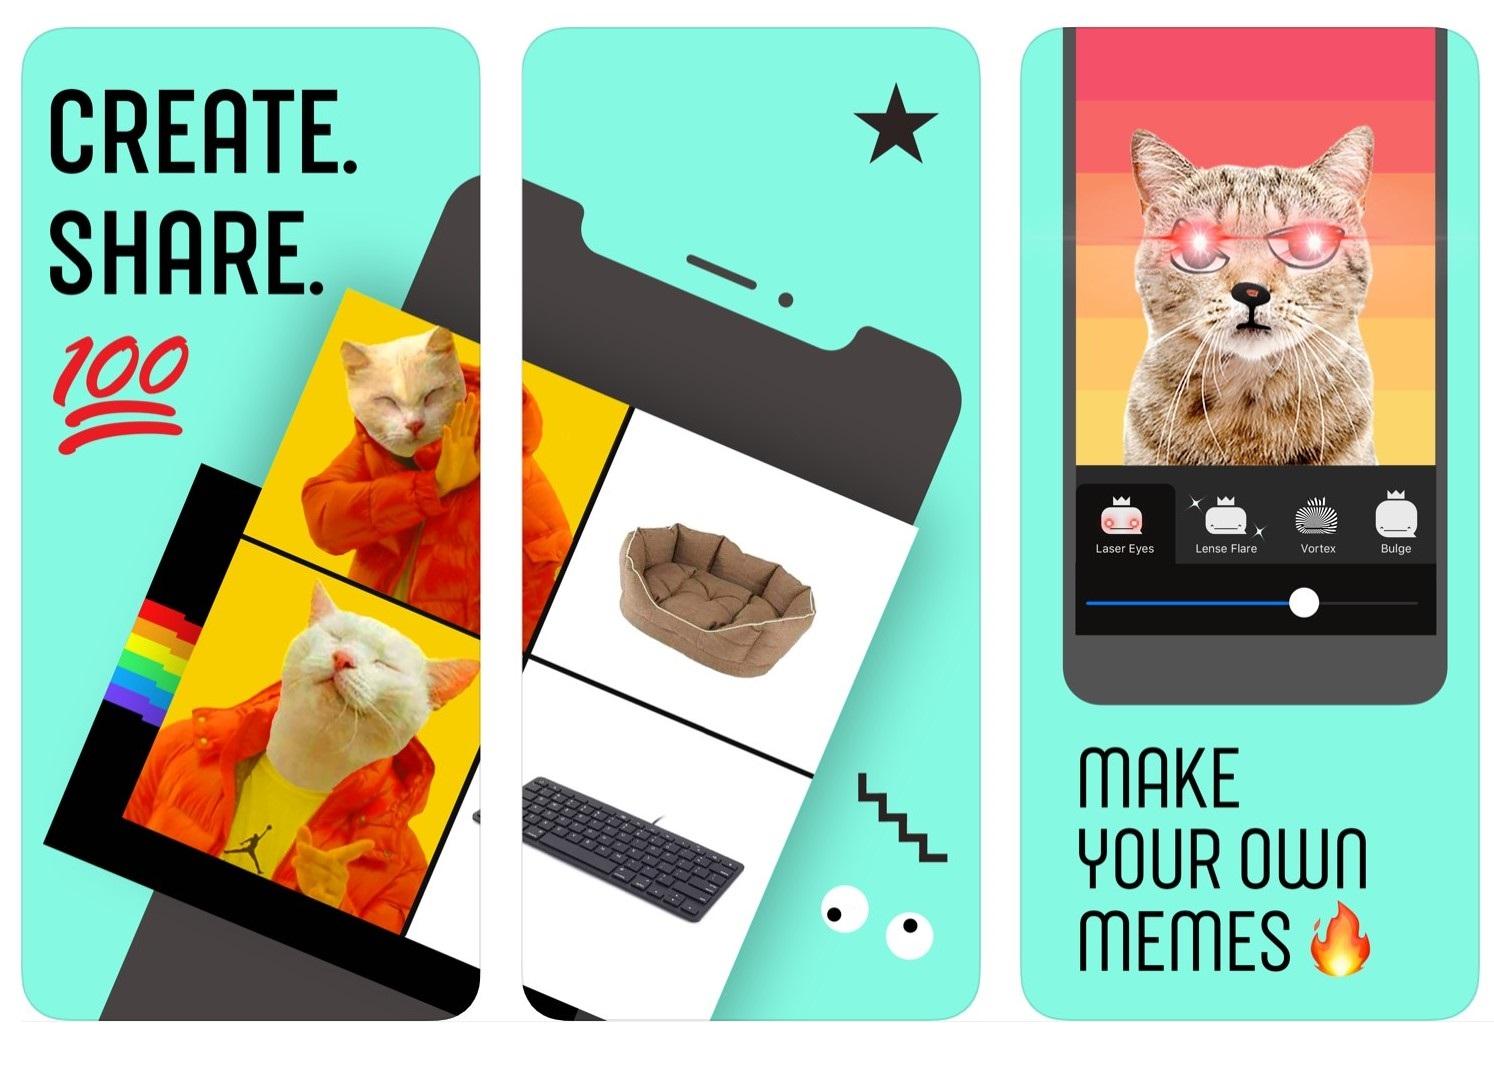 Facebook chce dotrzeć do młodych za pomocą aplikacji z memami. Chyba za późno na takie numery